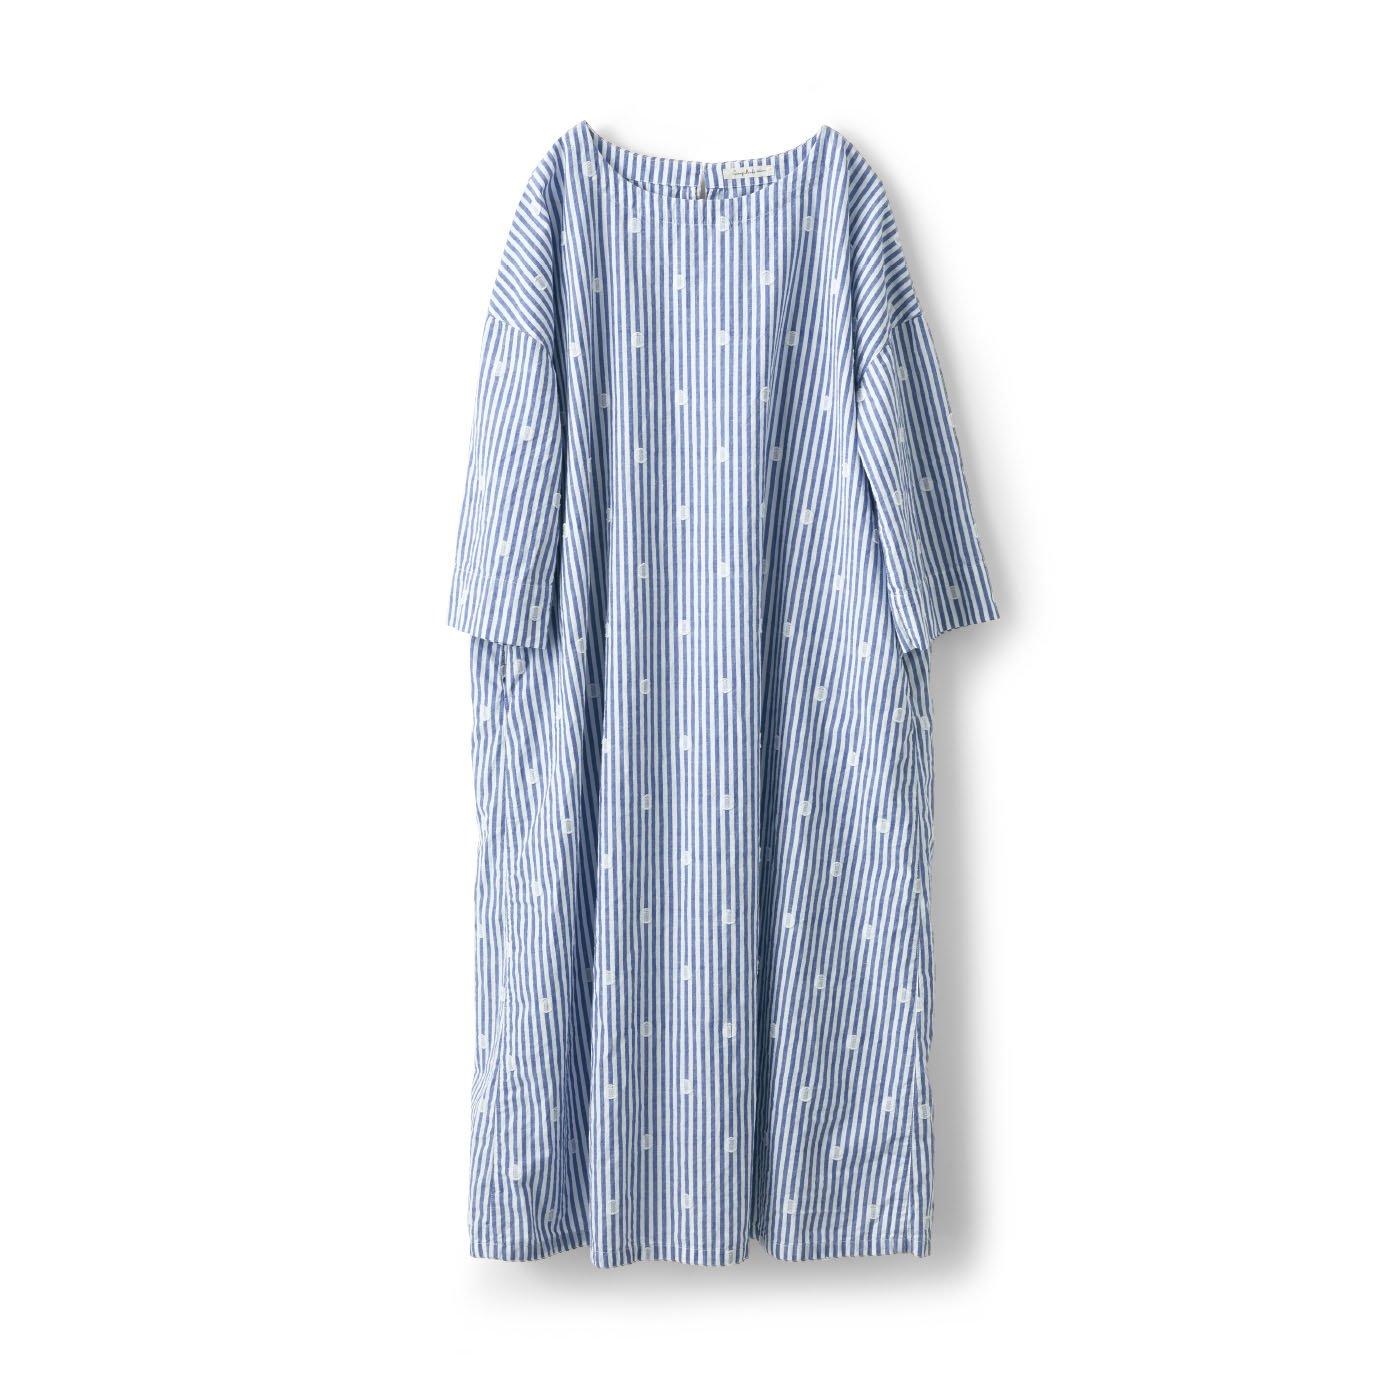 サニークラウズ 水玉泡玉サックドレス〈レディース〉